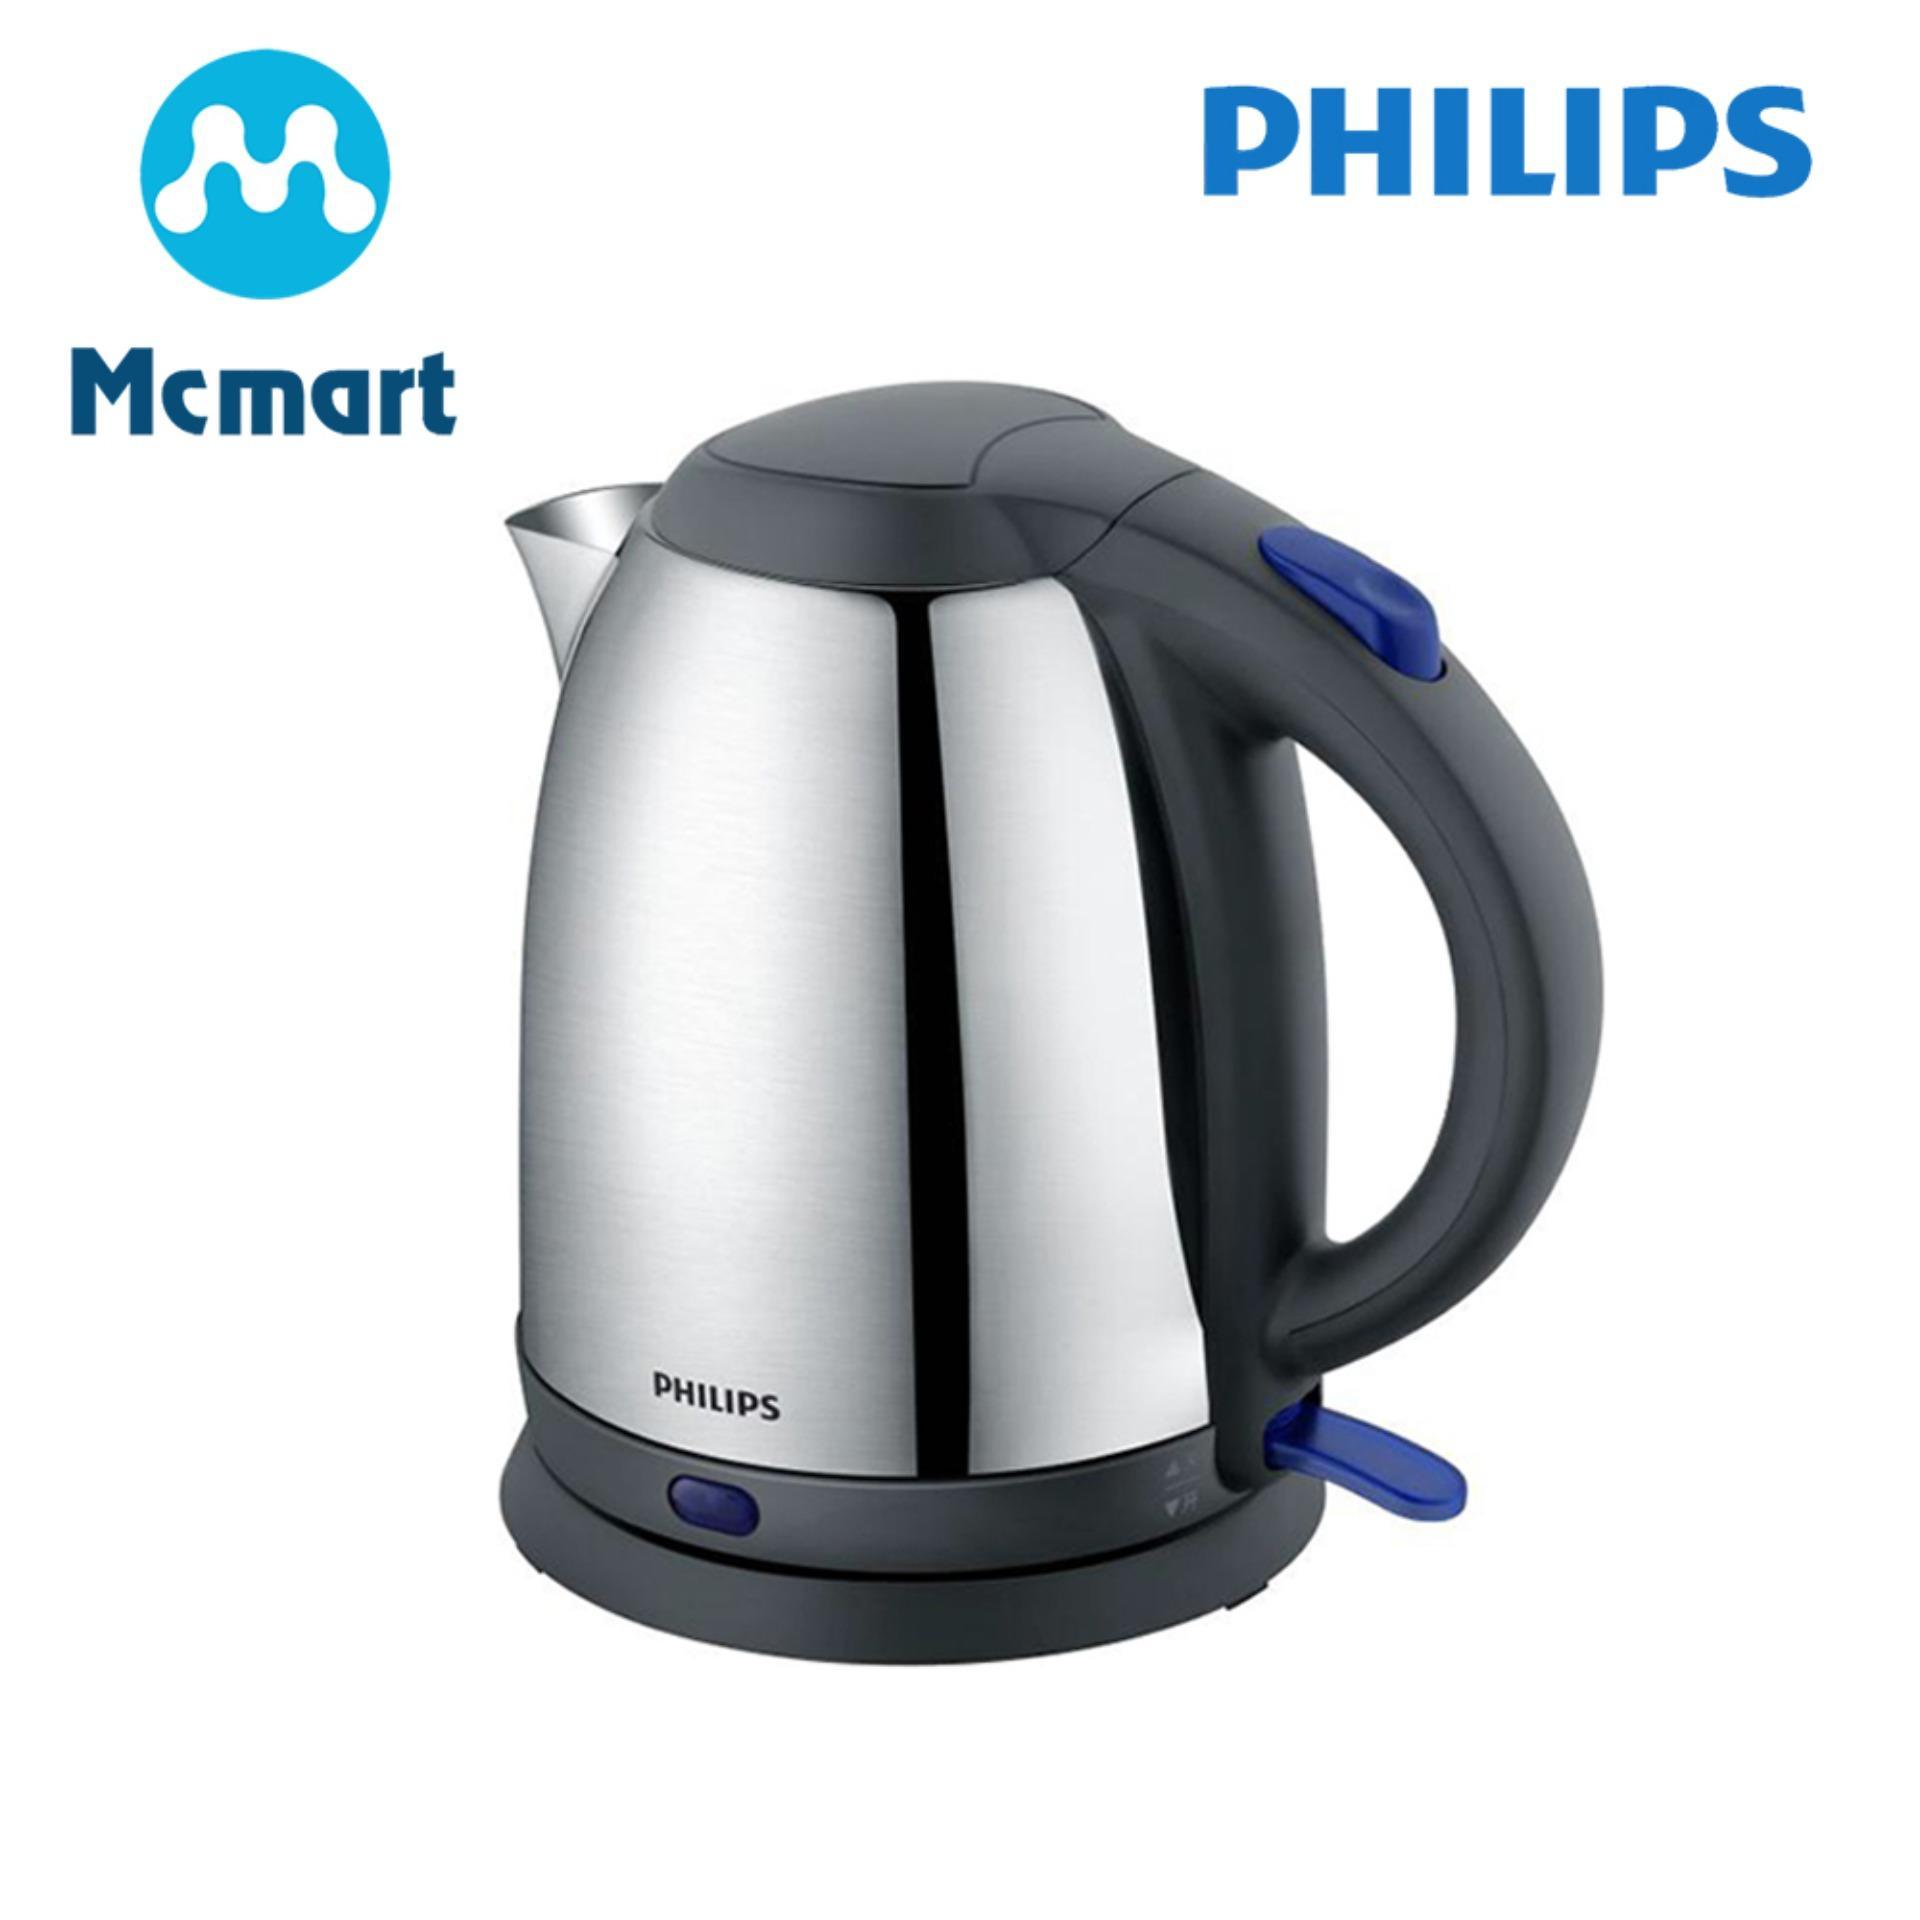 Hình ảnh Bình siêu tốc Philips HD9313 1.5L (Trắng) - Tương đương HD9306